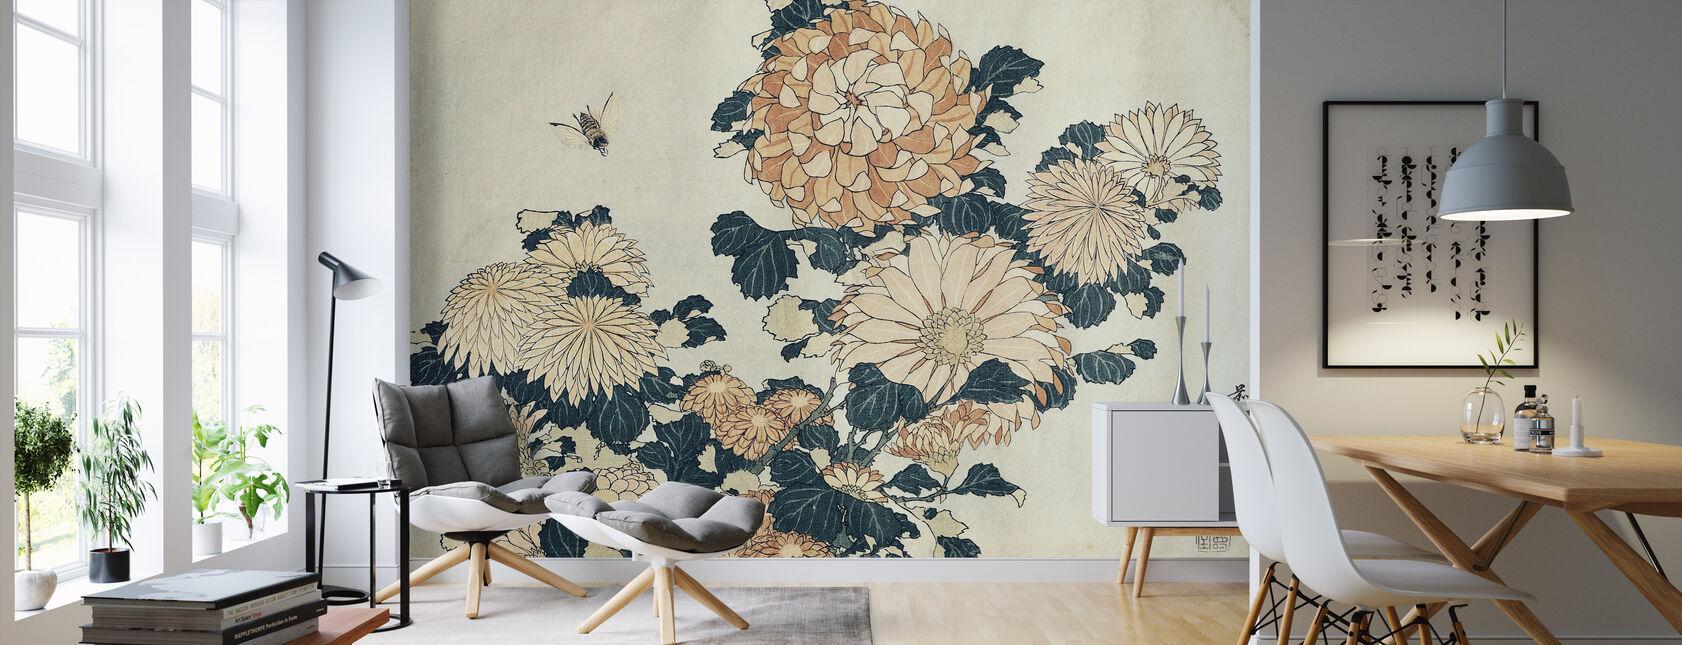 Chrysanthemums, Katsushika Hokusai - Wallpaper - Living Room